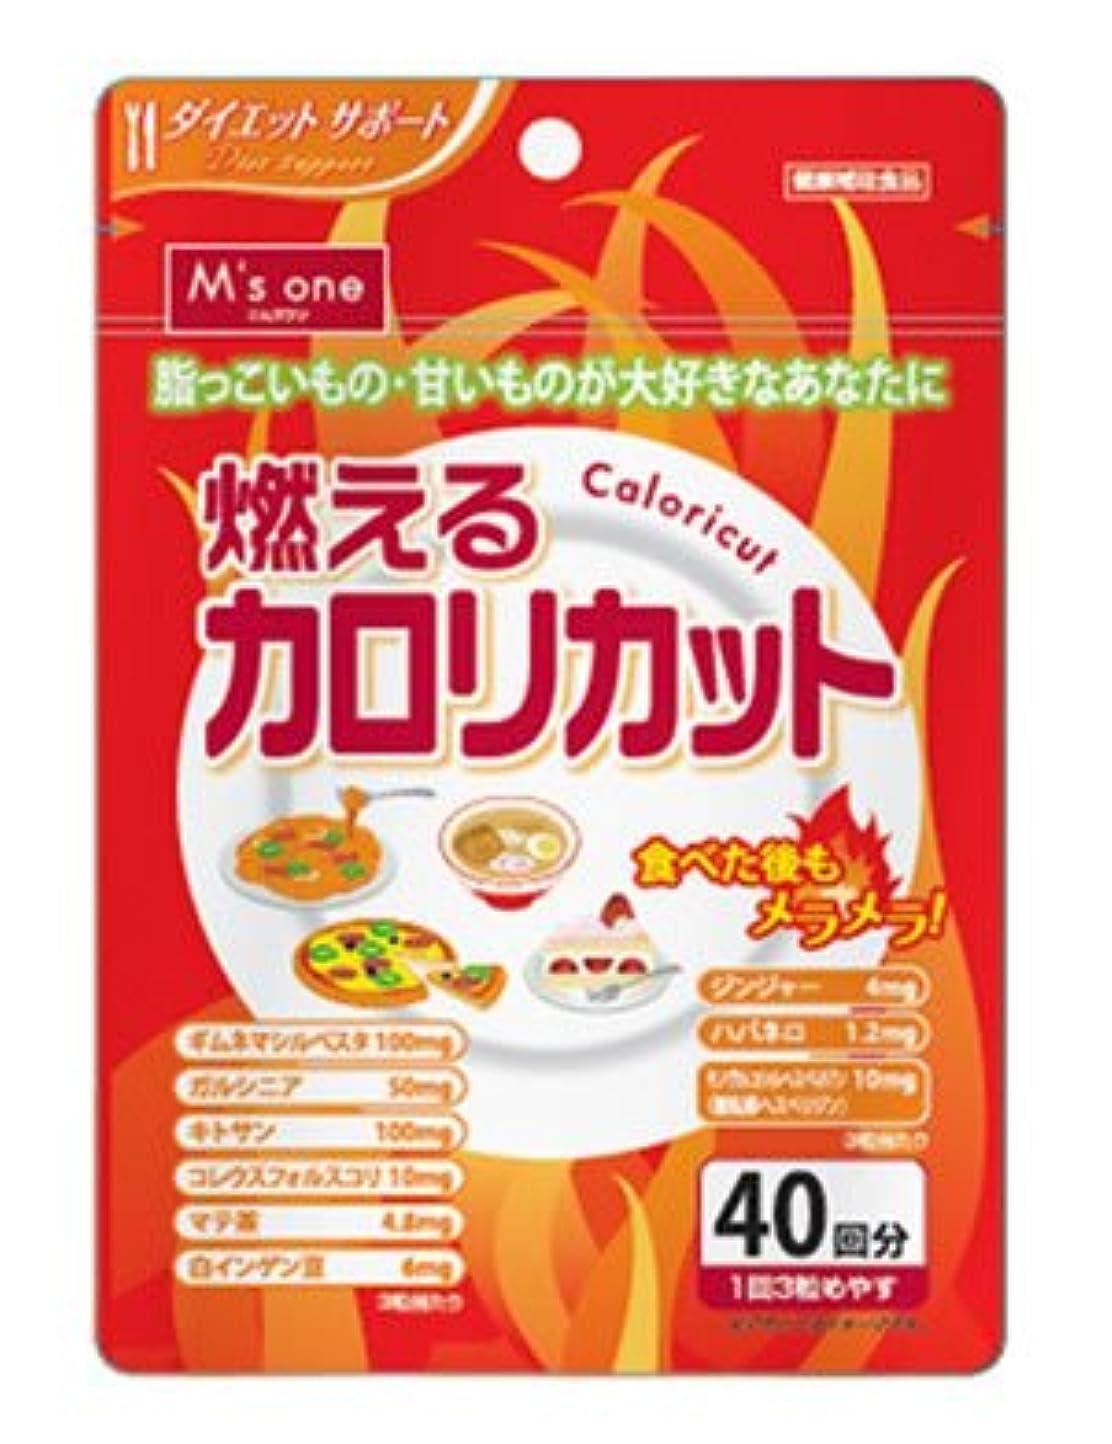 ハンディキャップインレイトランクライブラリエムズワン 燃えるカロリカット ダイエットサポート サプリメント 健康補助食品 (40回分)